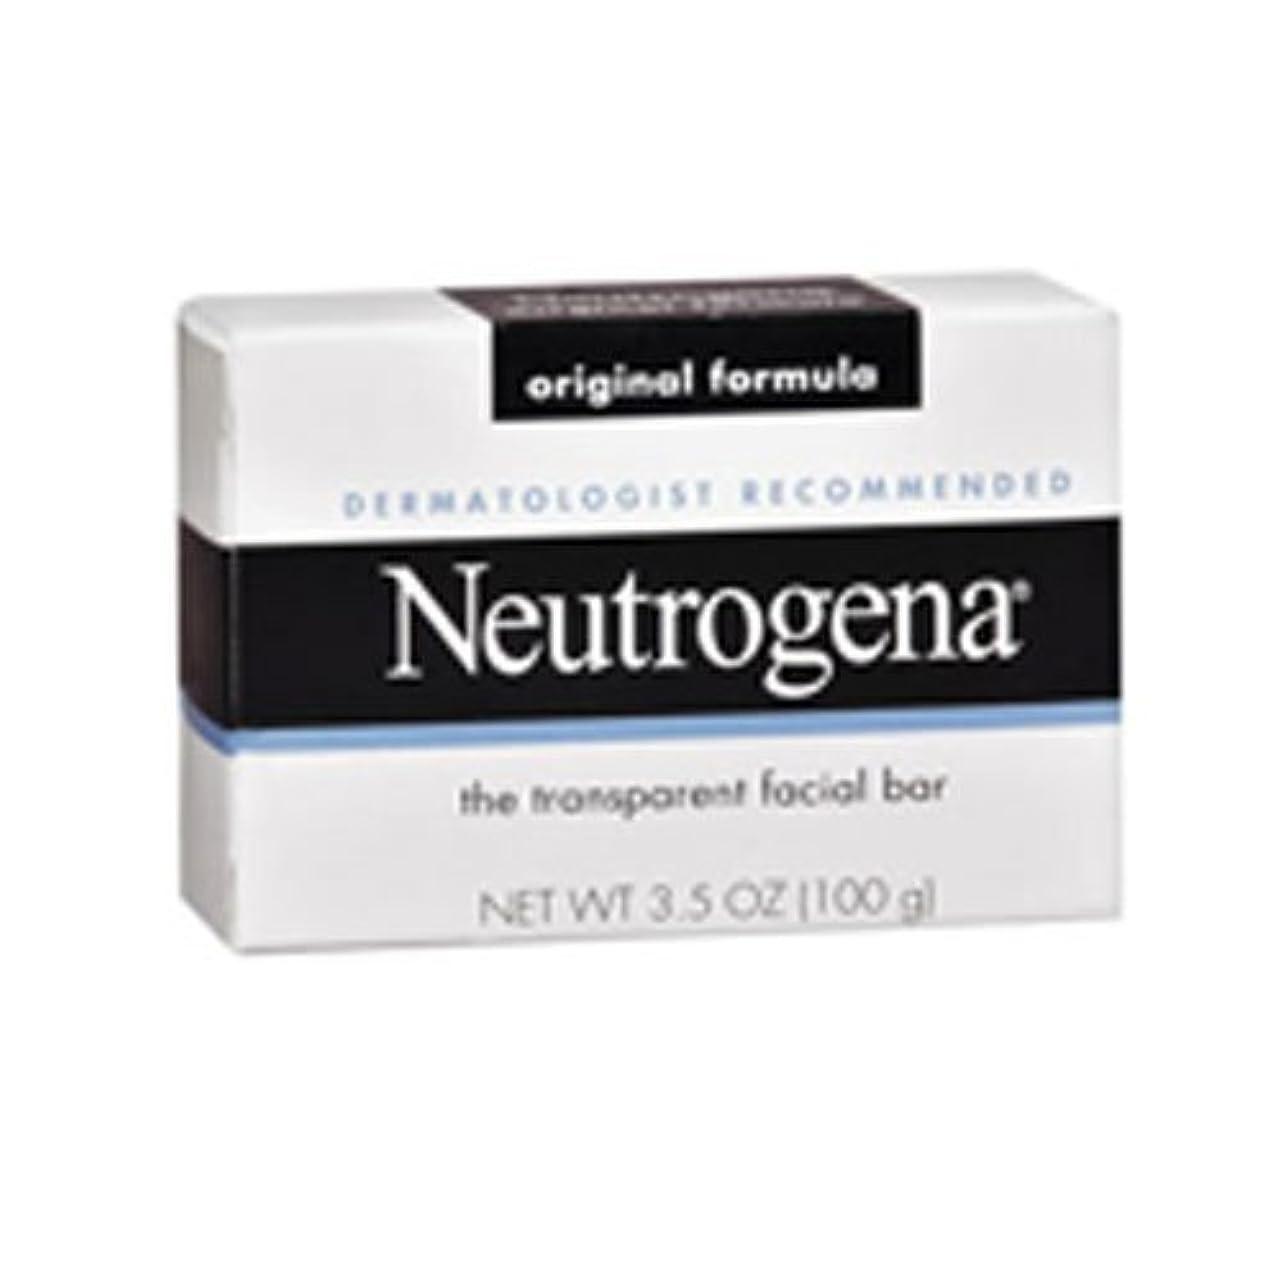 ジョージスティーブンソンパンフレットたまに海外直送肘 Neutrogena Transparent Facial Soap Bar, 3.5 oz